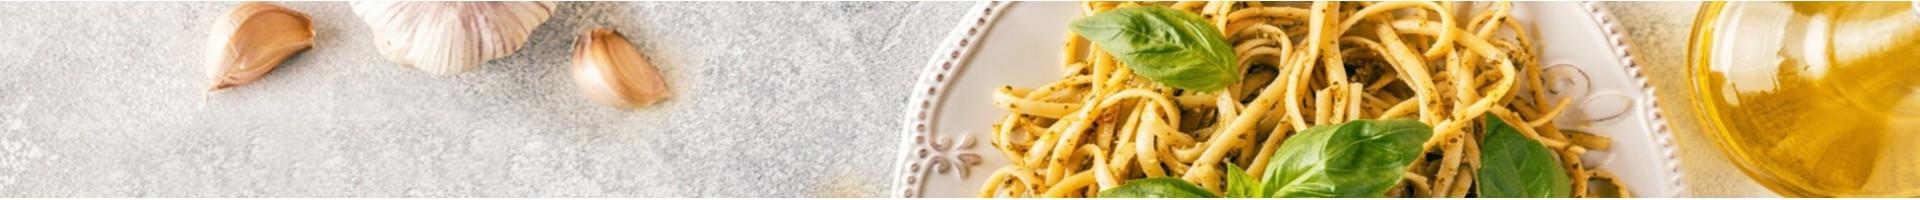 Pasta de Avena, Integral y otras | Compra Online | La Finestra